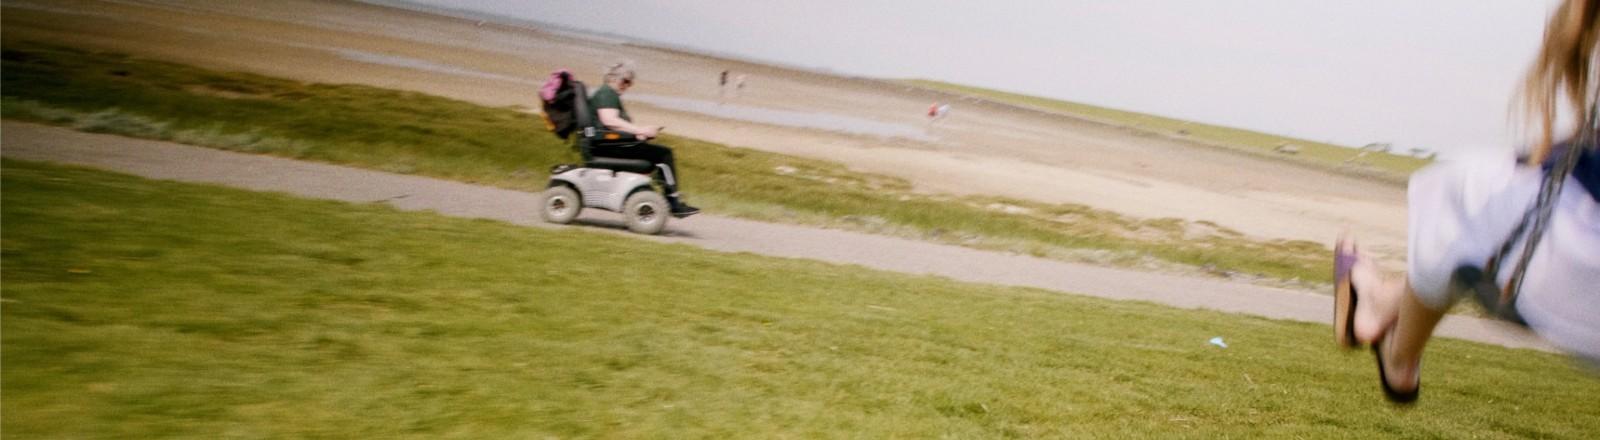 Martina, die Mutter von Paul Herbig, im Rollstuhl am Strand.